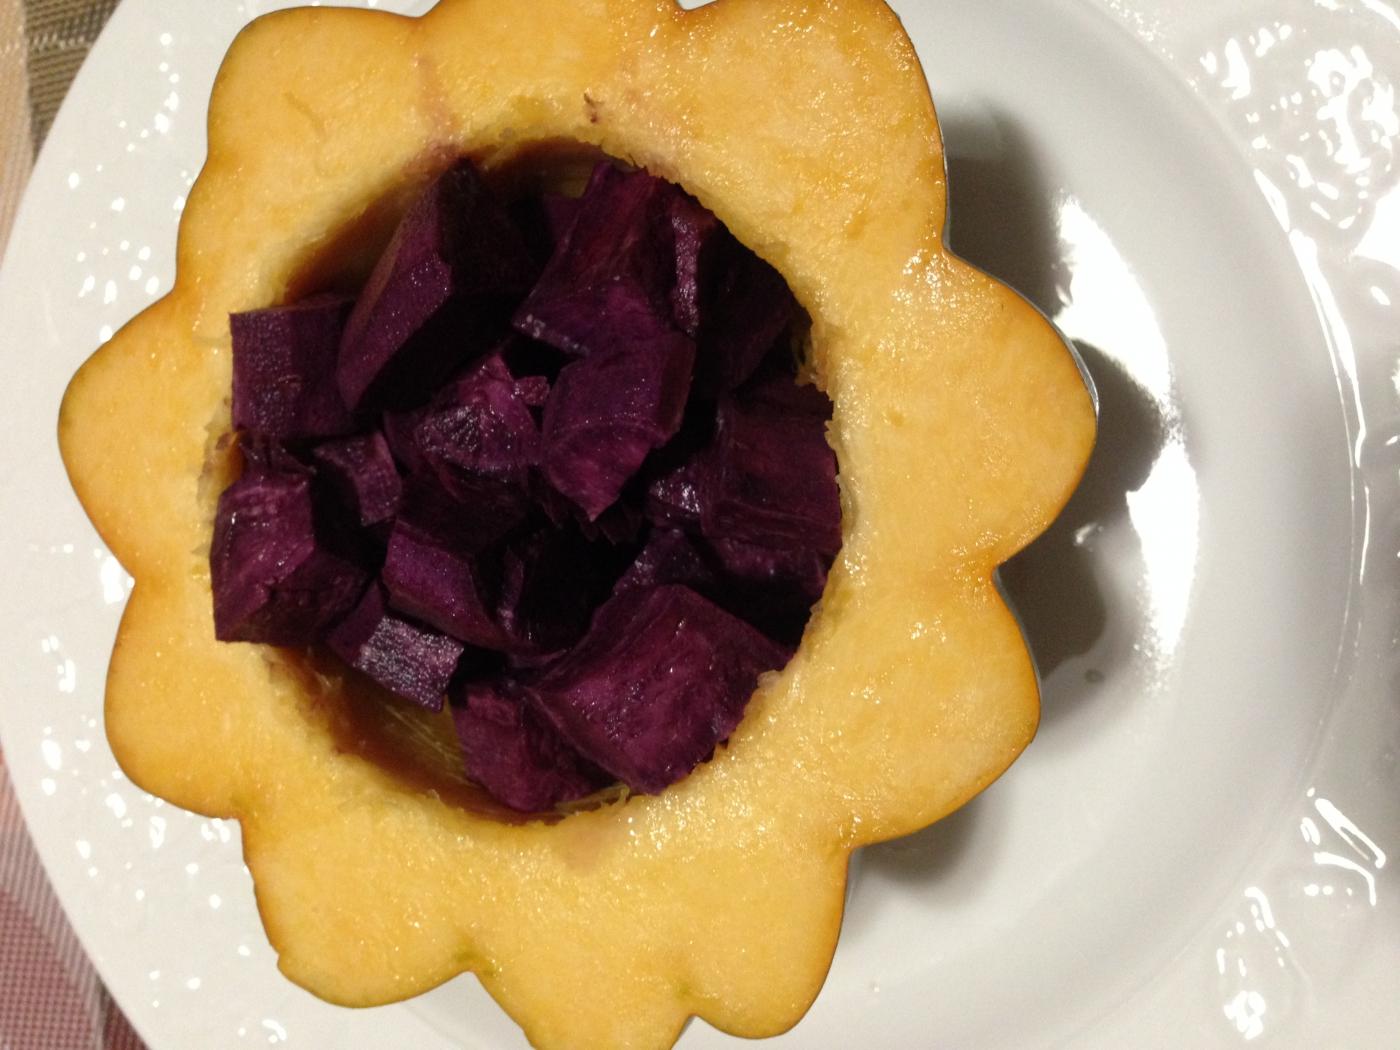 向日葵花儿开---紫薯南瓜盅_图1-3